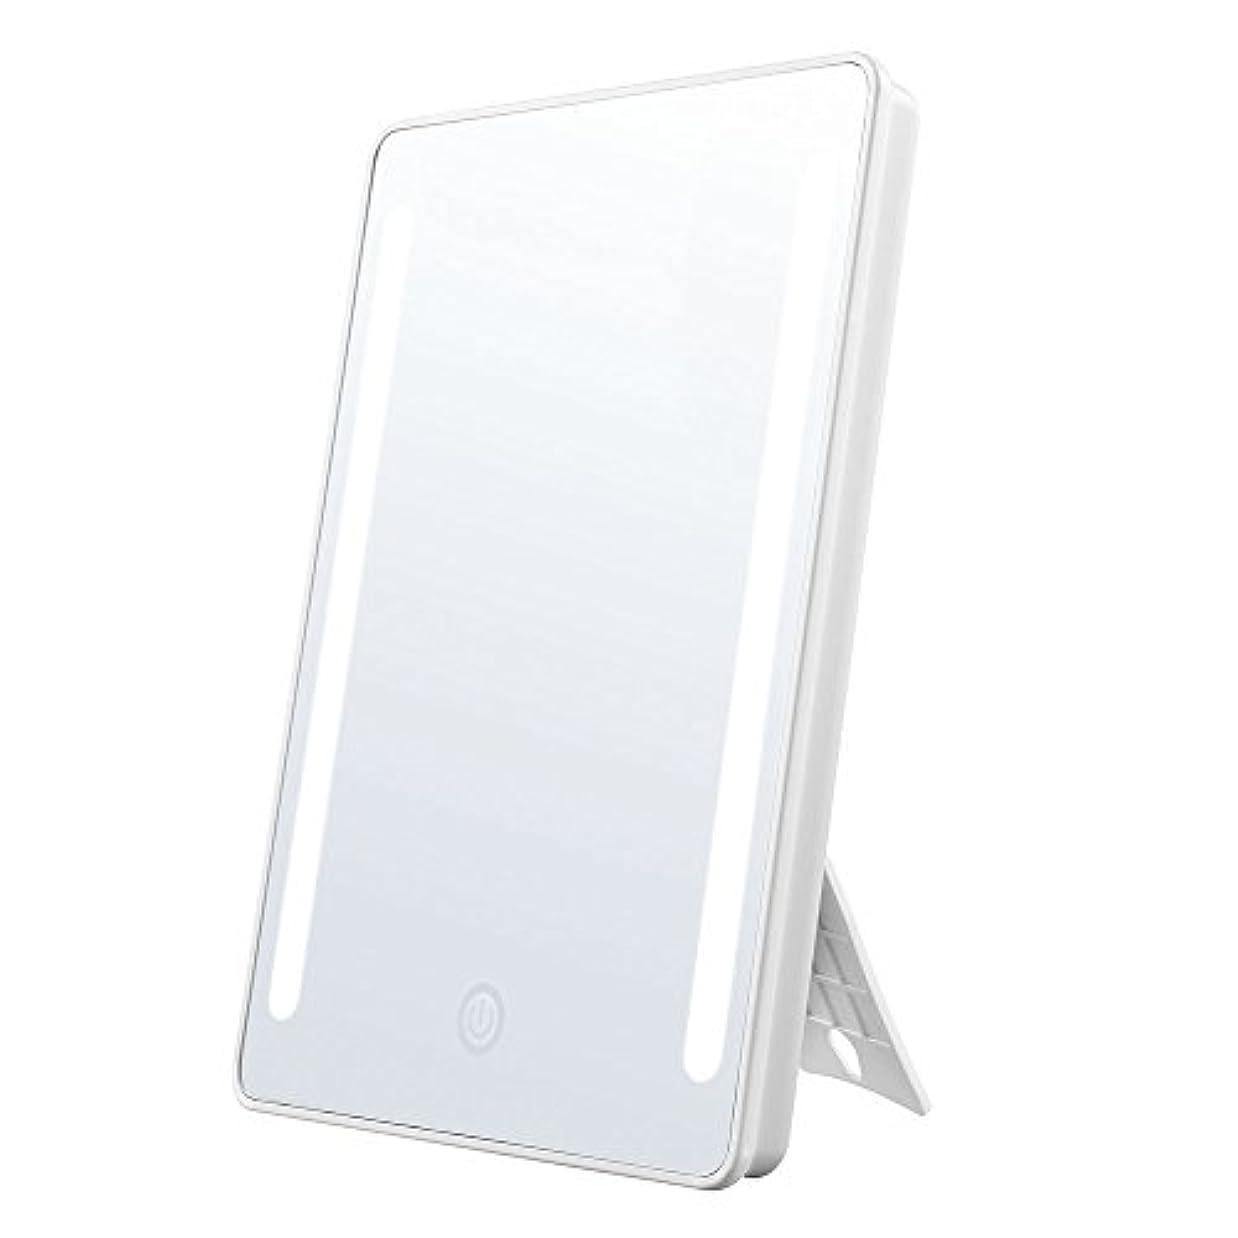 最少ドール帳面Jerrybox 鏡 化粧鏡 卓上鏡 大型 led 鏡 フルフレームLEDライト スタンドミラー 拡大鏡付き